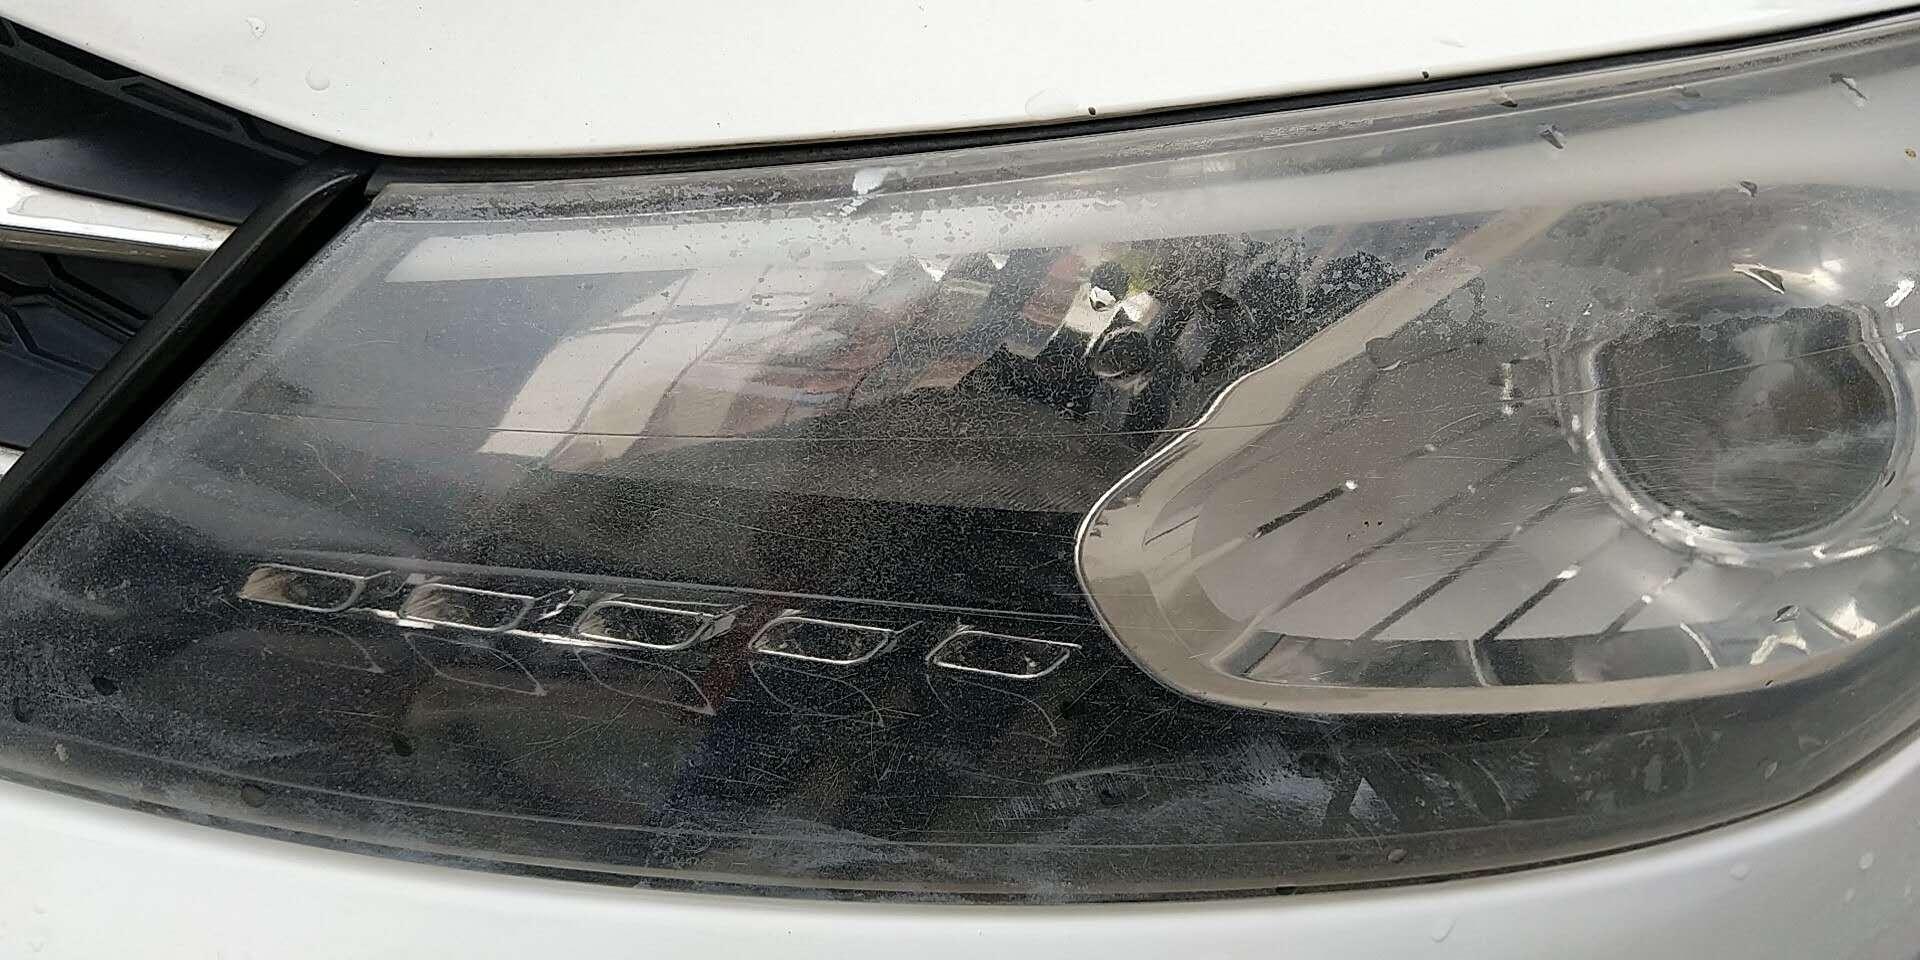 众泰-众泰Z500 发念头漏油,年夜灯风化严重,4S店拒不处置赏罚赏罚